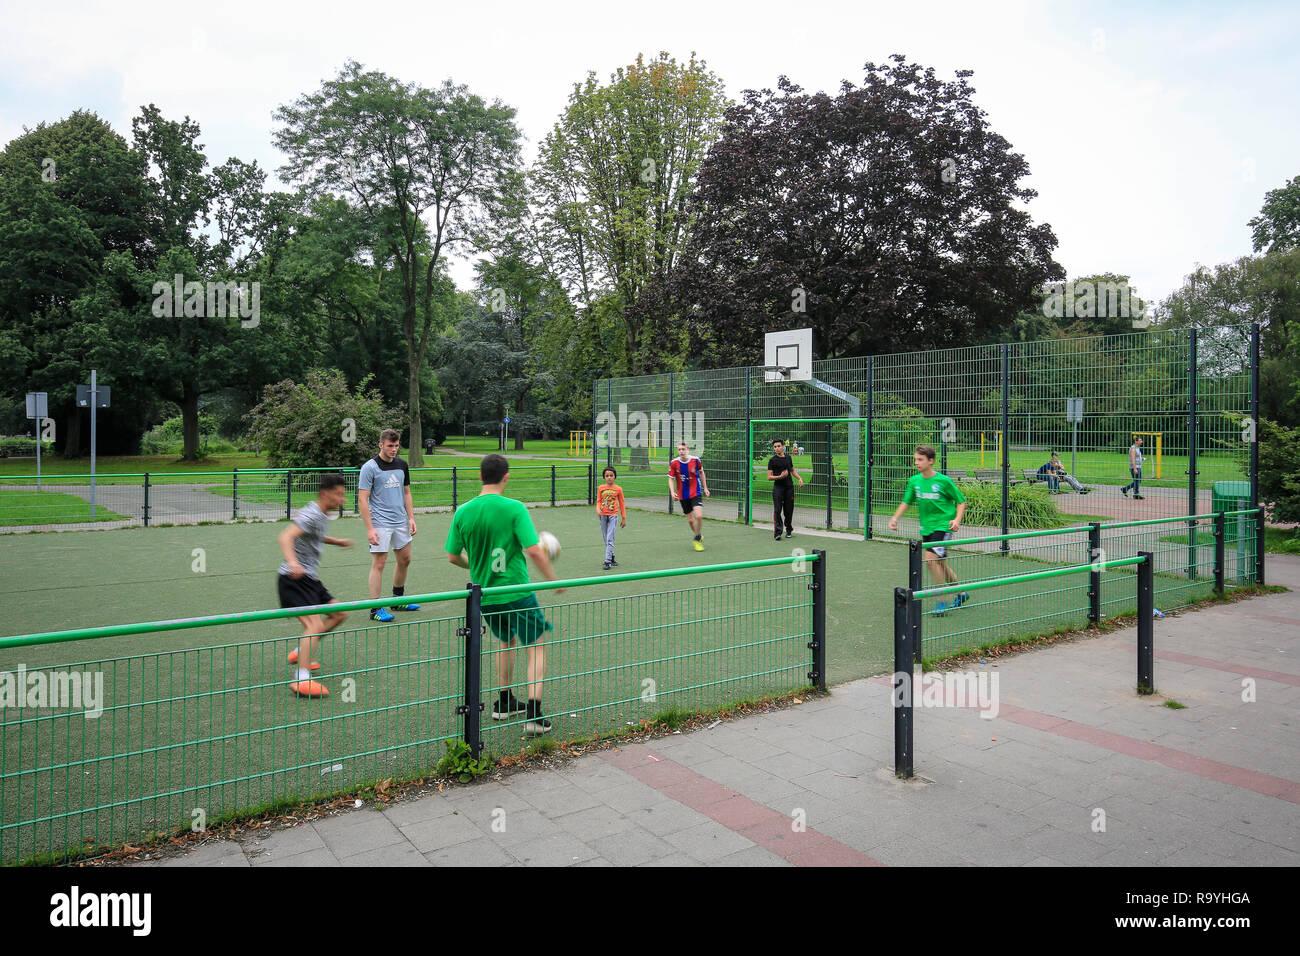 13.08.2016, Essen, Nordrhein-Westfalen, Ruhrgebiet, Deutschland - Jugendliche spielen Fussball auf dem Bolzplatz im Kaiser-Wilhelm-Park in Altenessen, - Stock Image